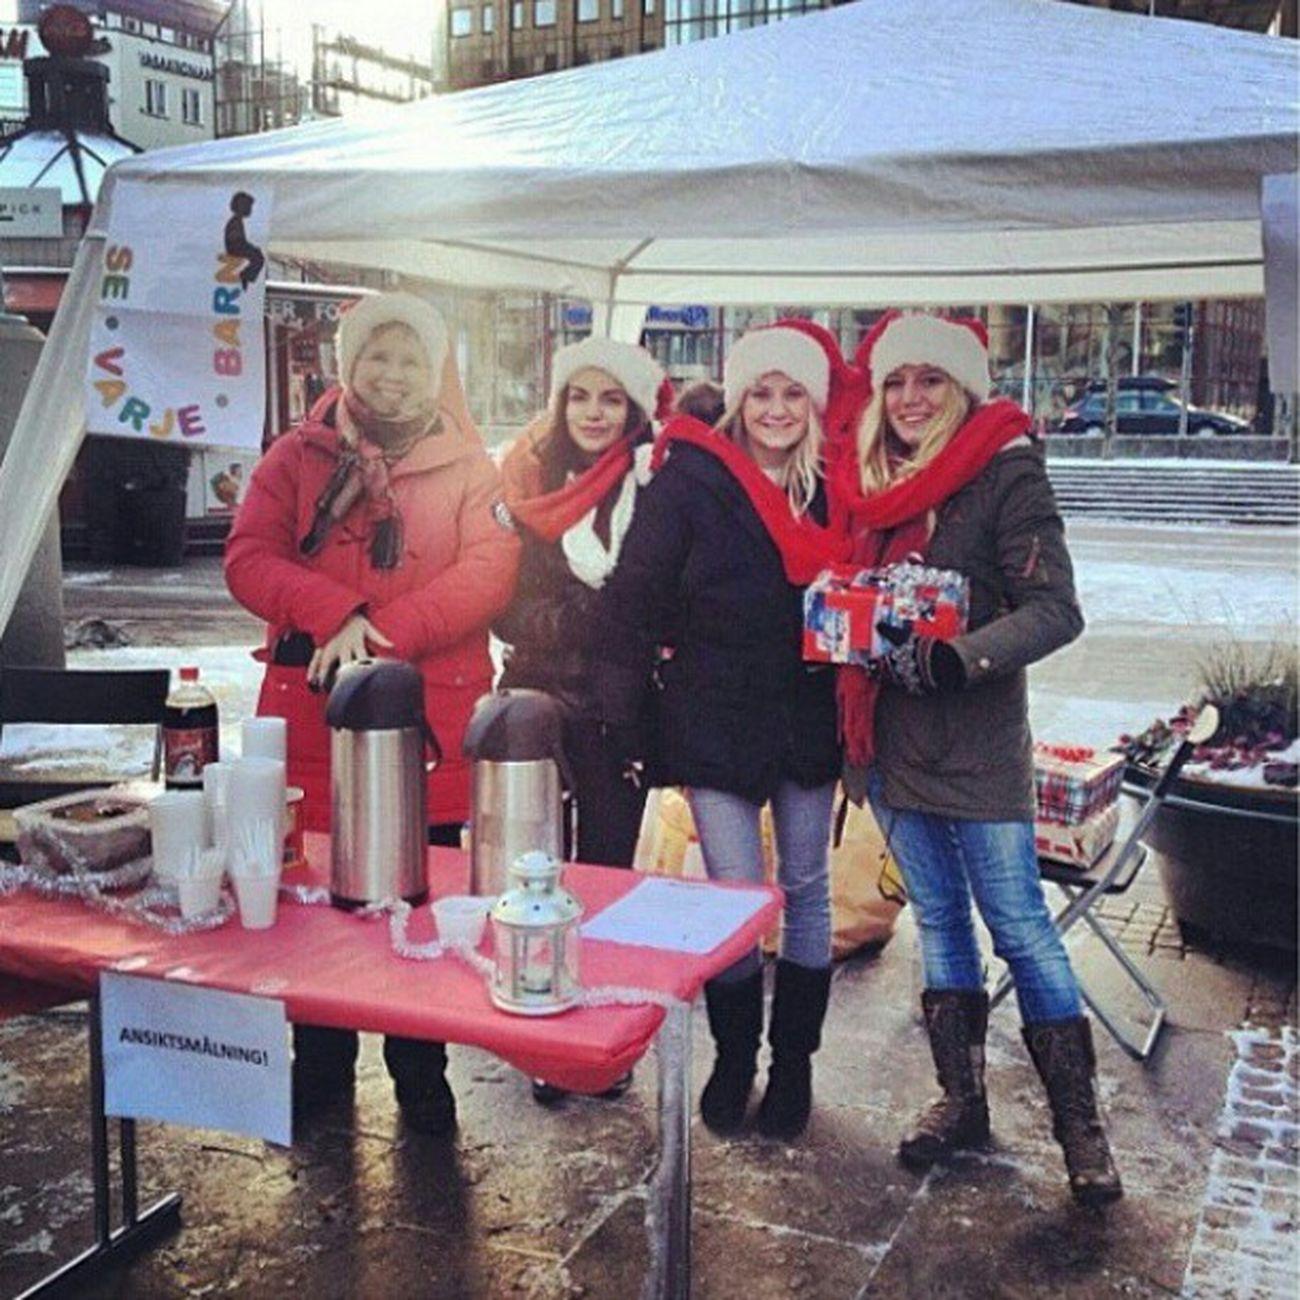 Idag står mina fina klasskompisar vid trianglen i Malmö för att tjäna in en liten slant eller julklappar åt ett barnhem i Ukraina. De kommer att åka över till Ukraina och lämna allting personligen. Pengarna ska gå till en lekplats åt barnen. Allt välkomnas! Servicemanagement Projekt Sevarjebarn Kärlek Ukraina